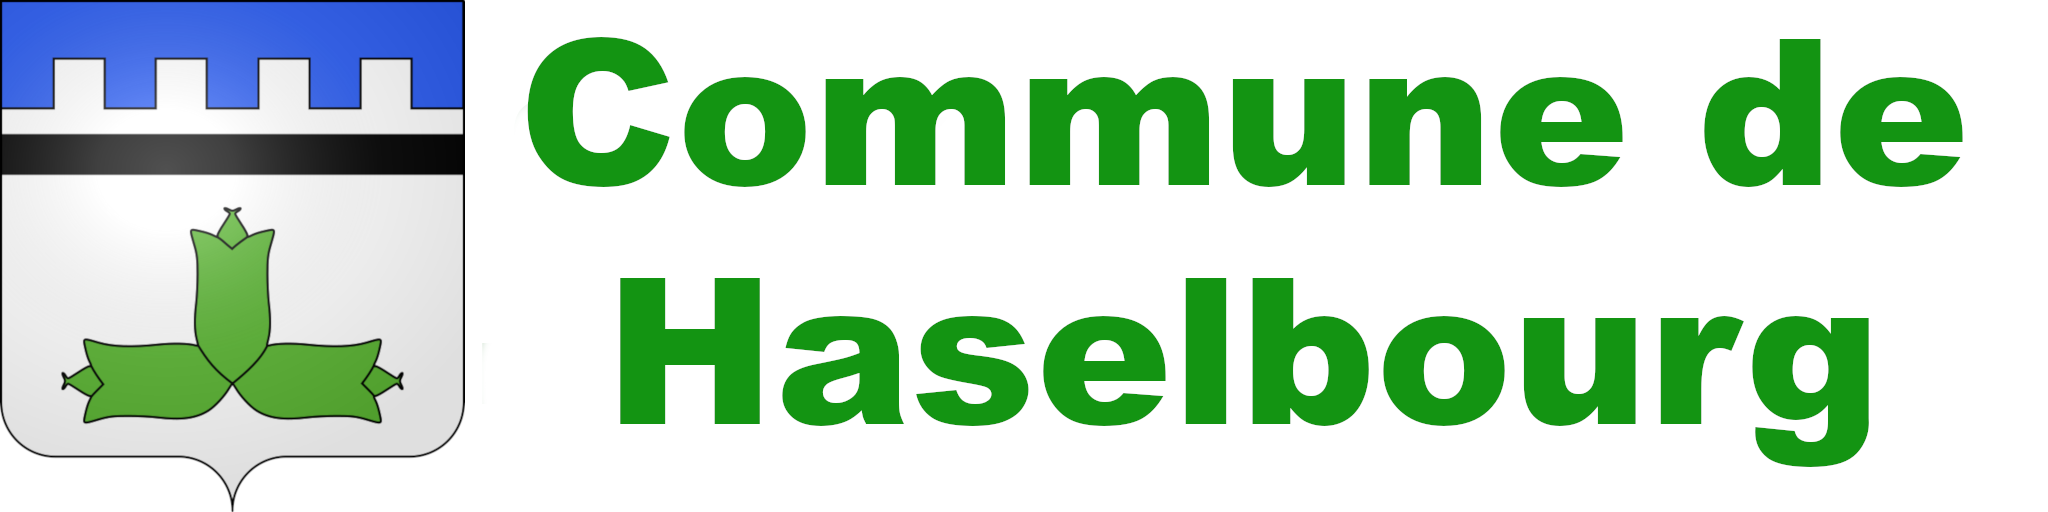 Commune de Haselbourg